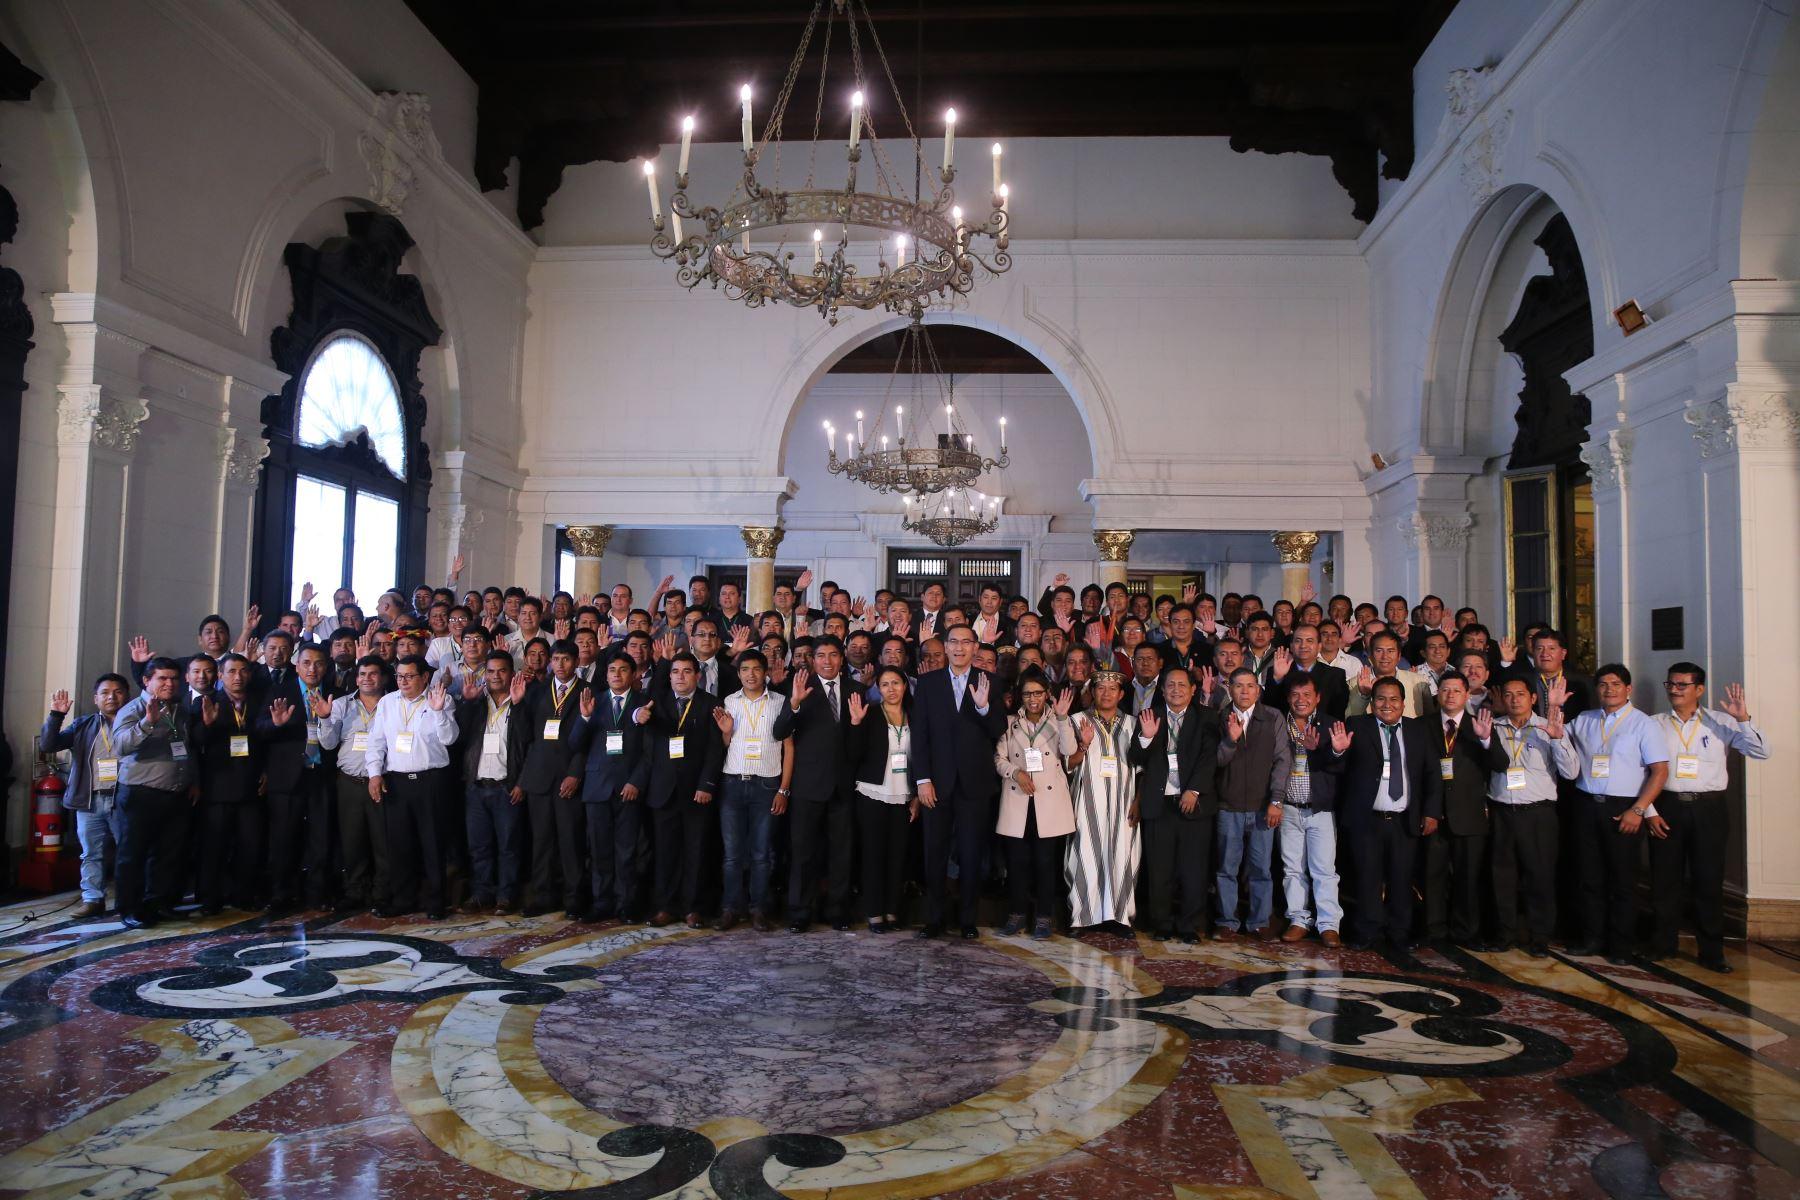 Jefe de Estado. Marín Vizcarra se reúne con un centenar de alcaldes virtualmente electos de municipios que requieren mayor atención del Estado.Foto: ANDINA/Prensa Presidencia